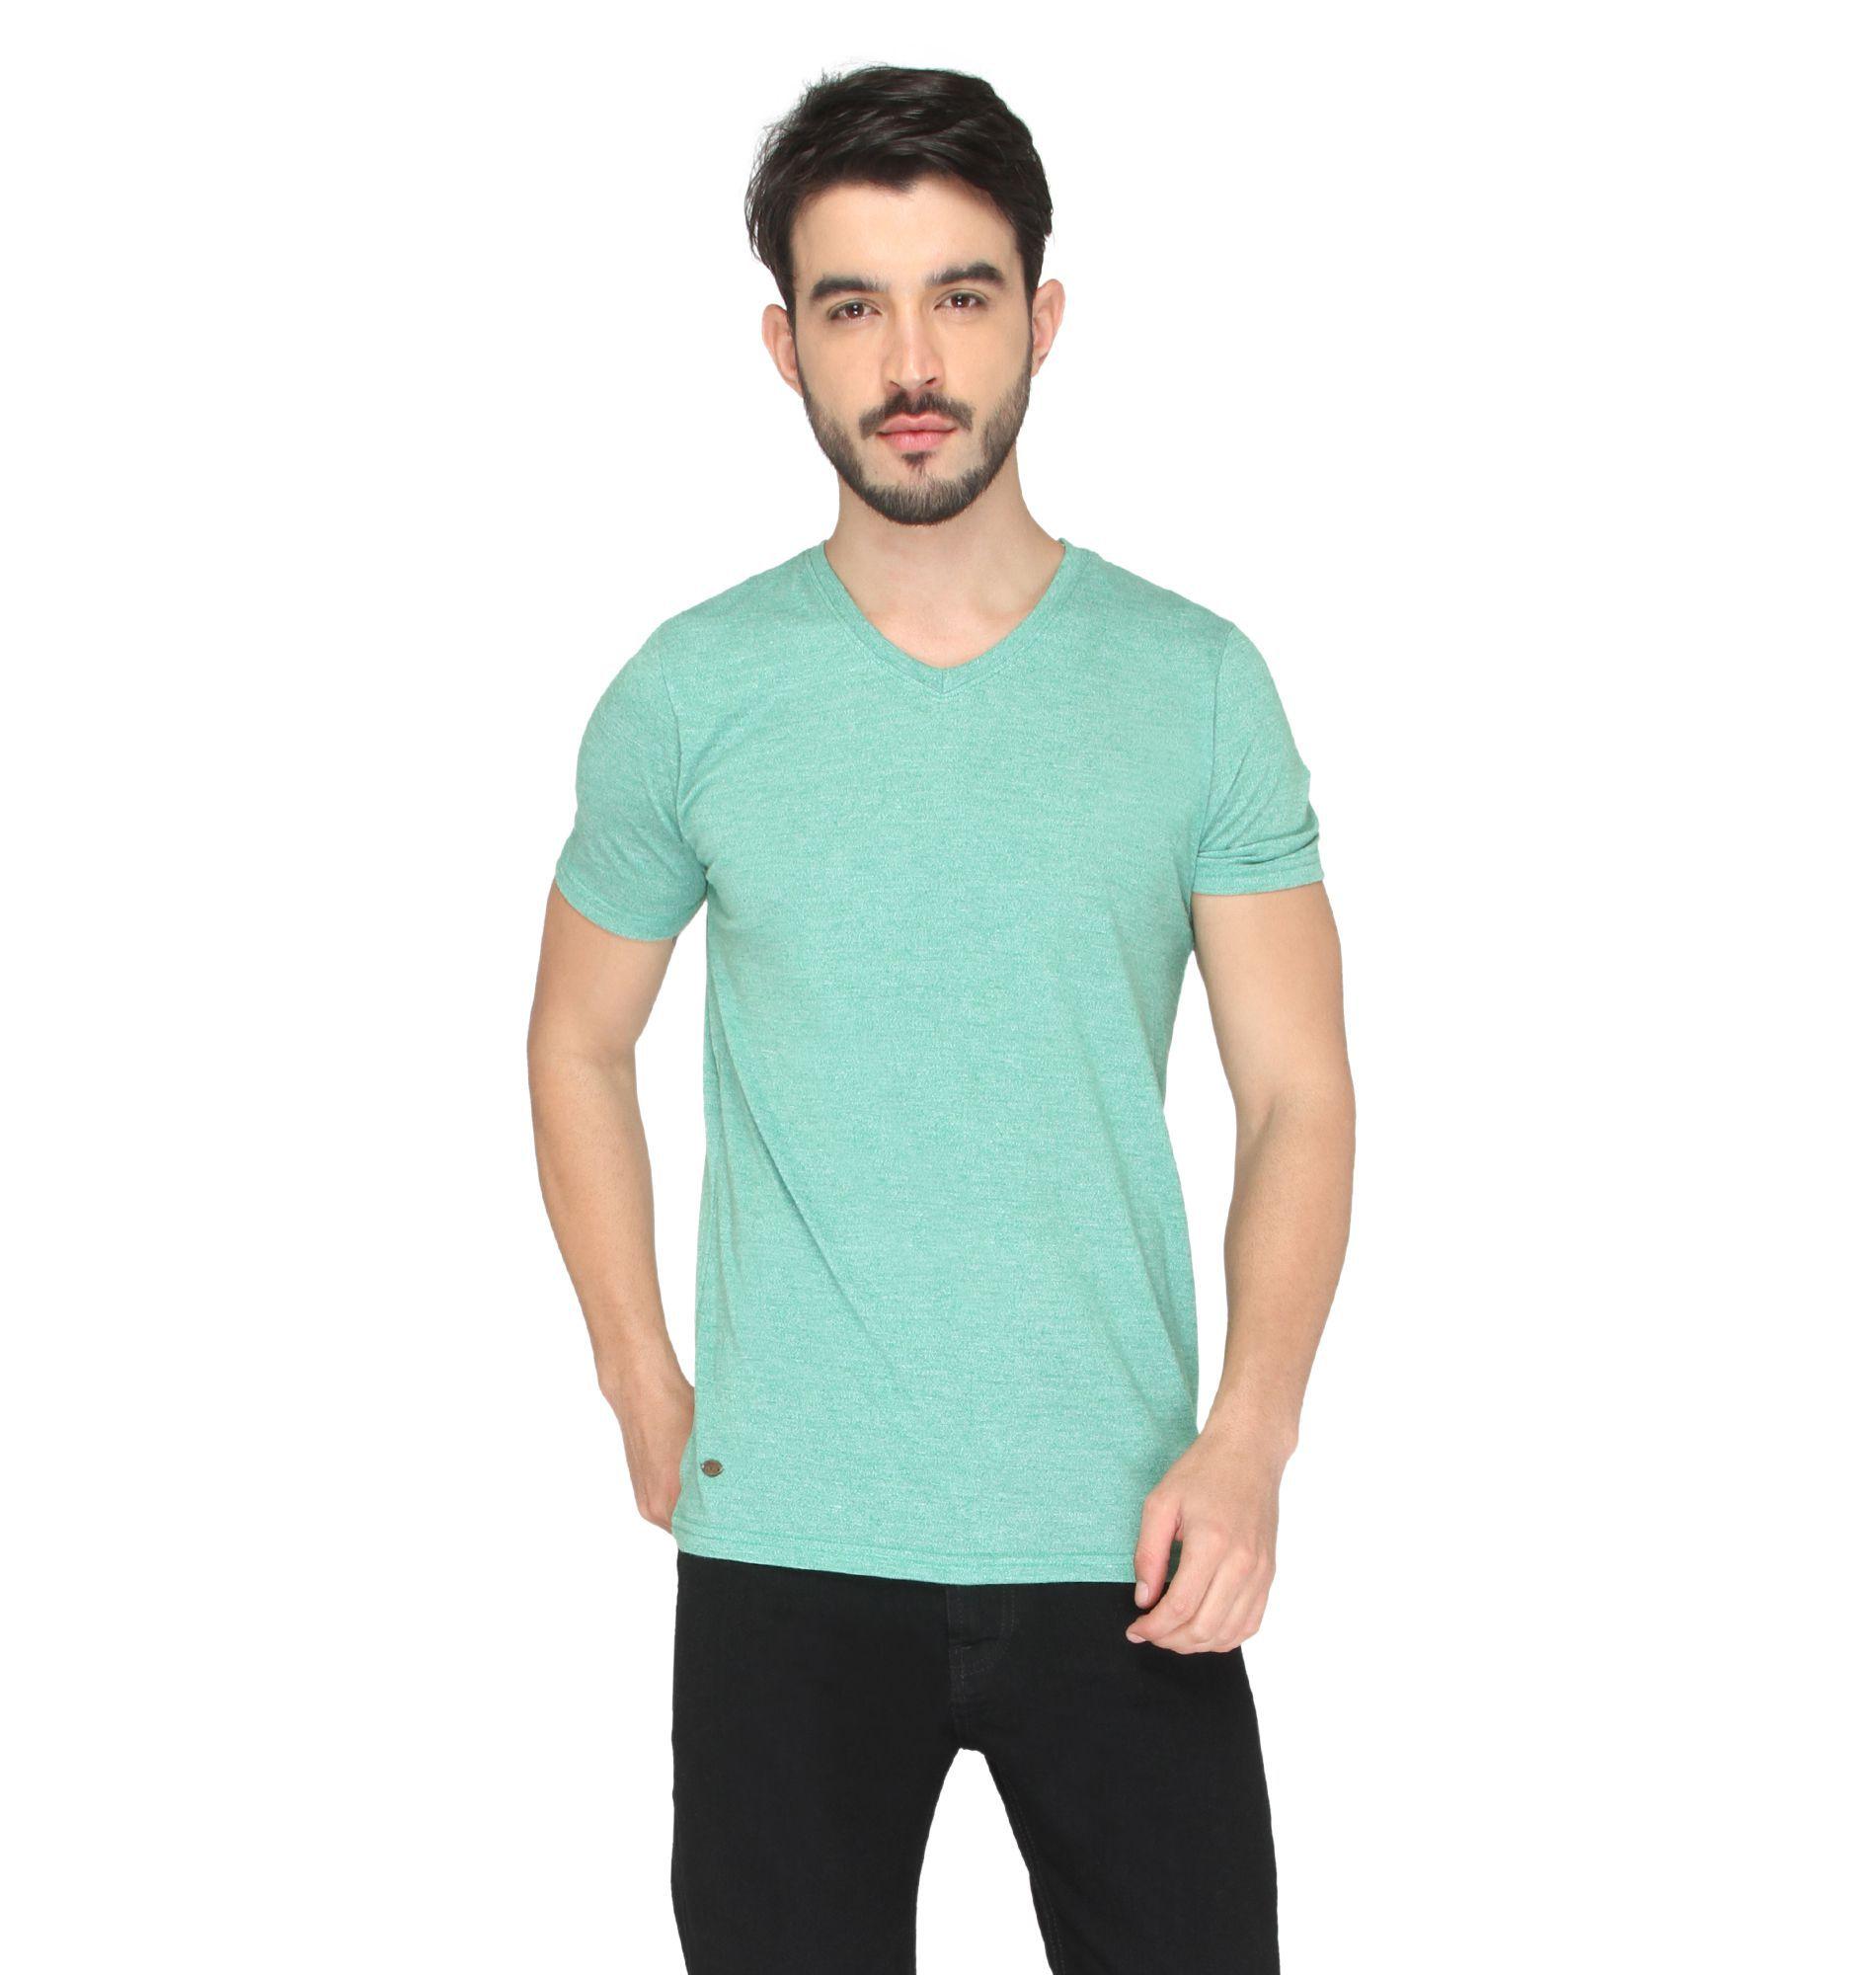 Drastic Green V-Neck T-Shirt